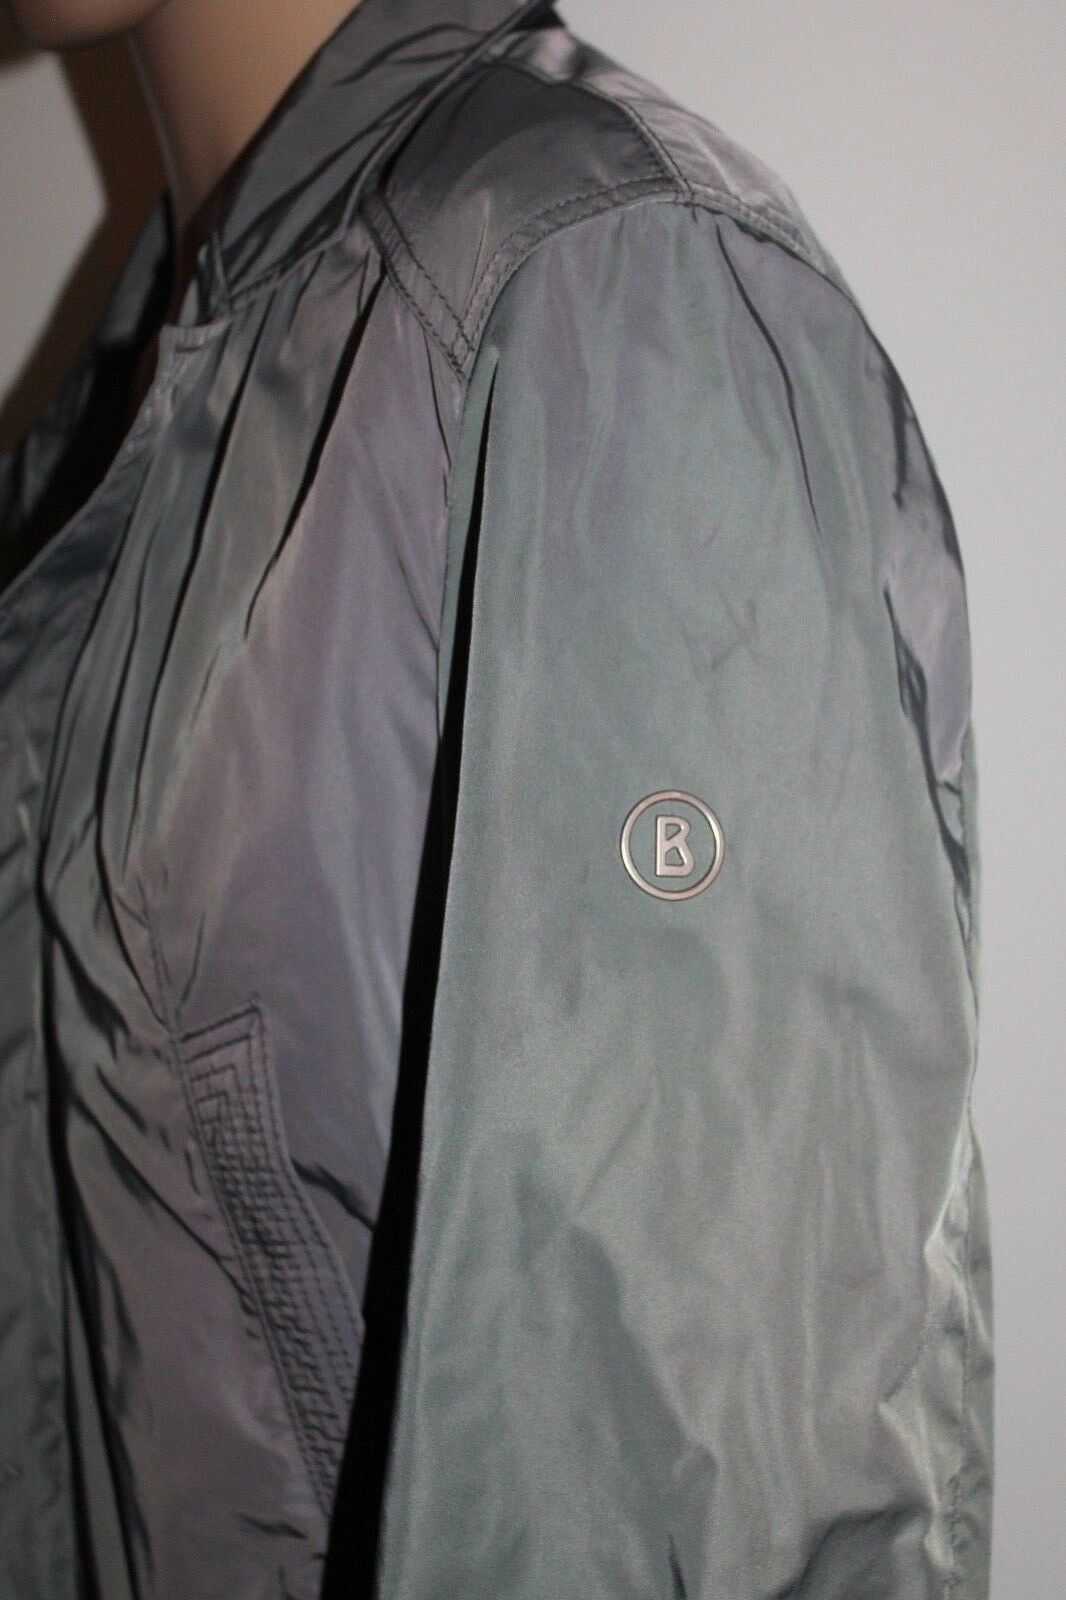 Bogner David Giacca Nero Uomo Grigio Nero Giacca Taglia 48 M nuovo con etichetta UVP 499 EURO 73dac7